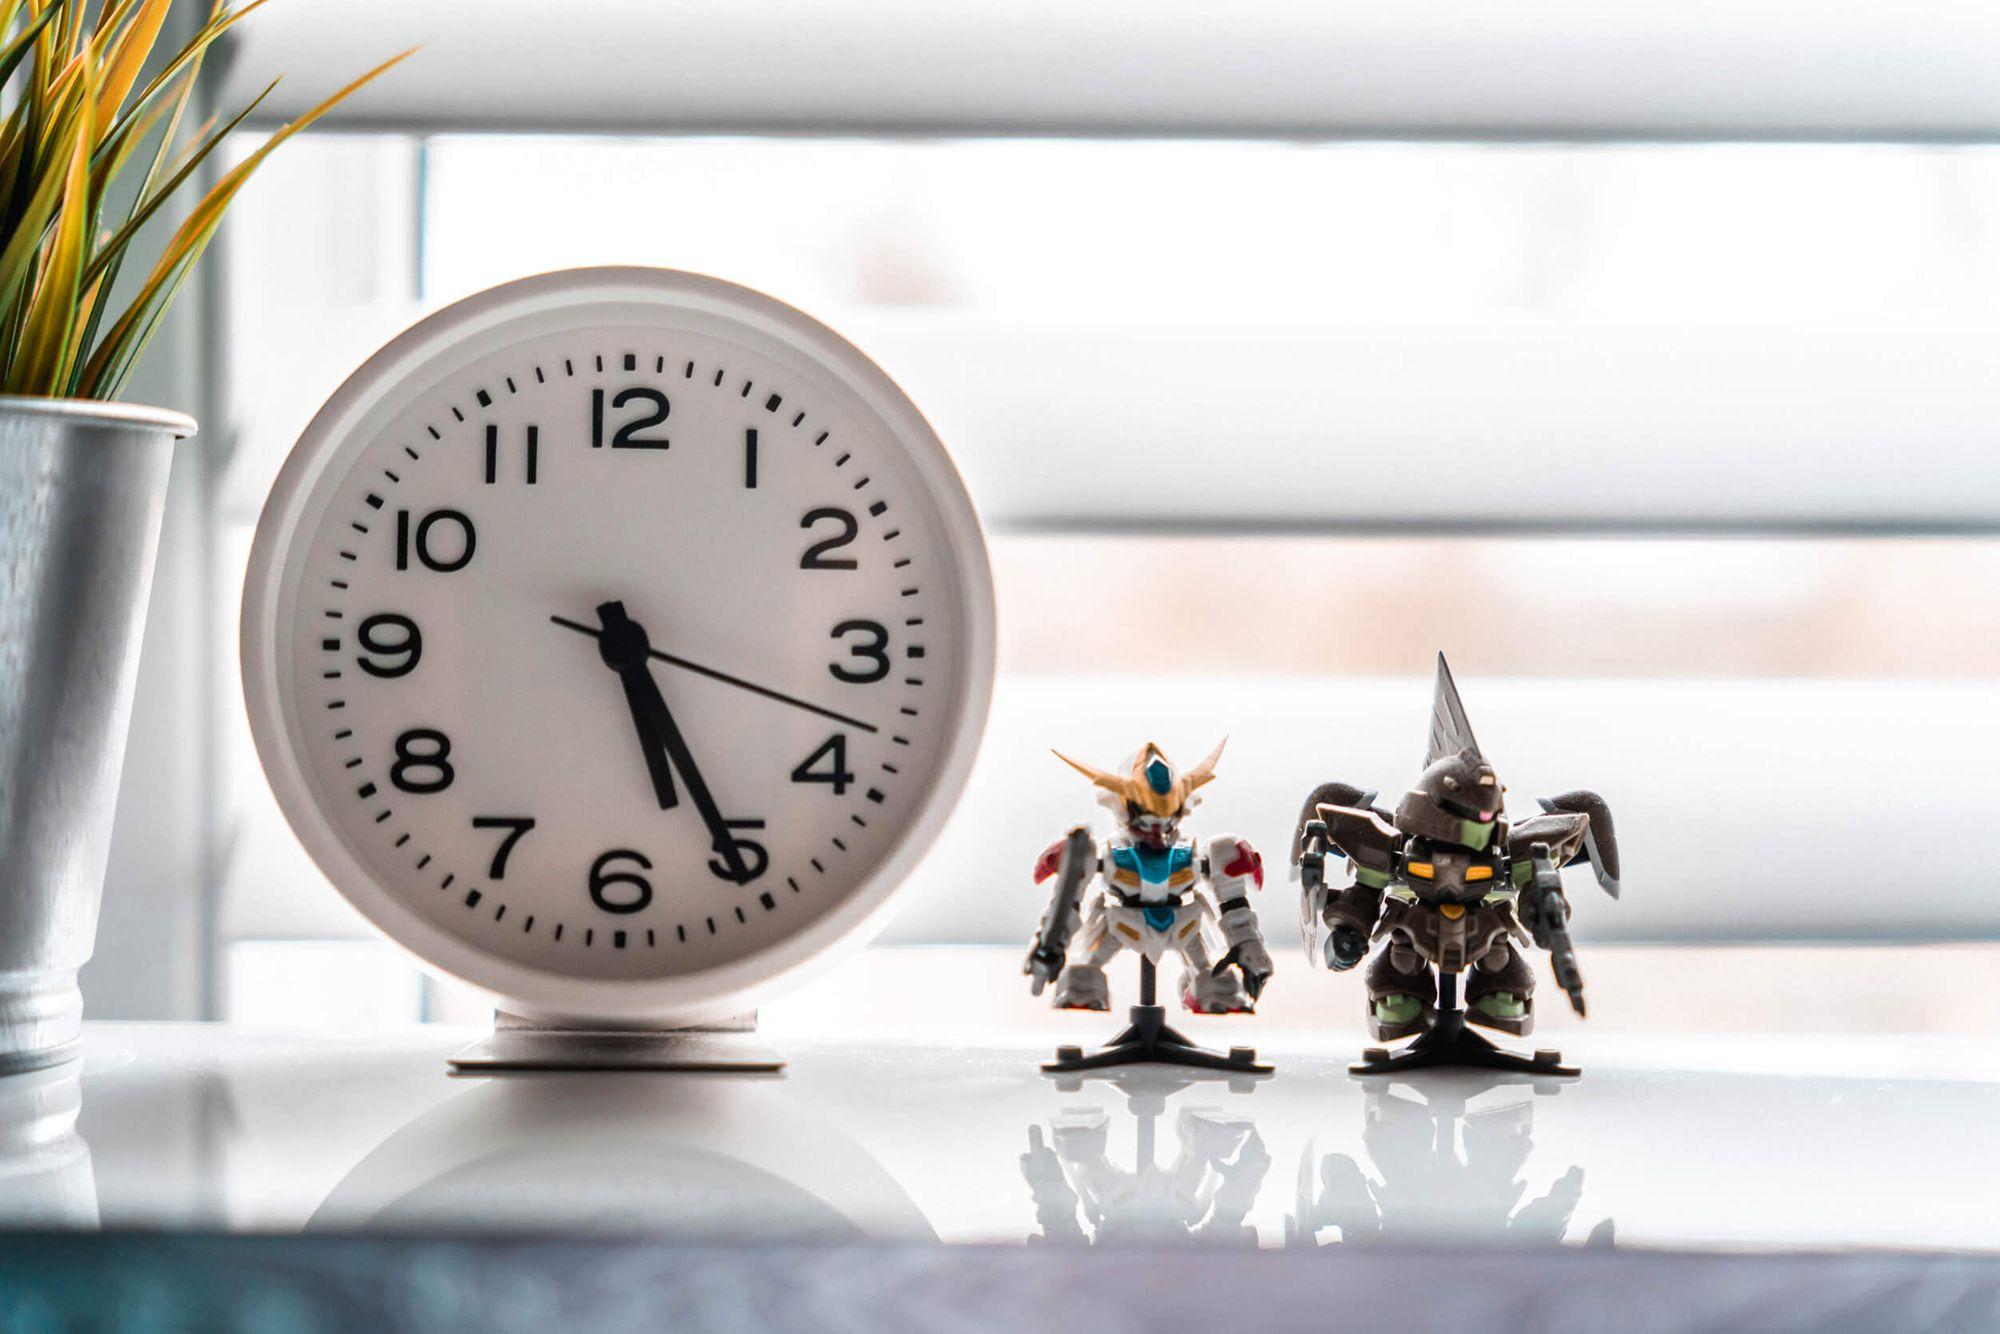 Gundam is a Japanese sci-fi media franchise created by Yoshiyuki Tomino and Sunrise